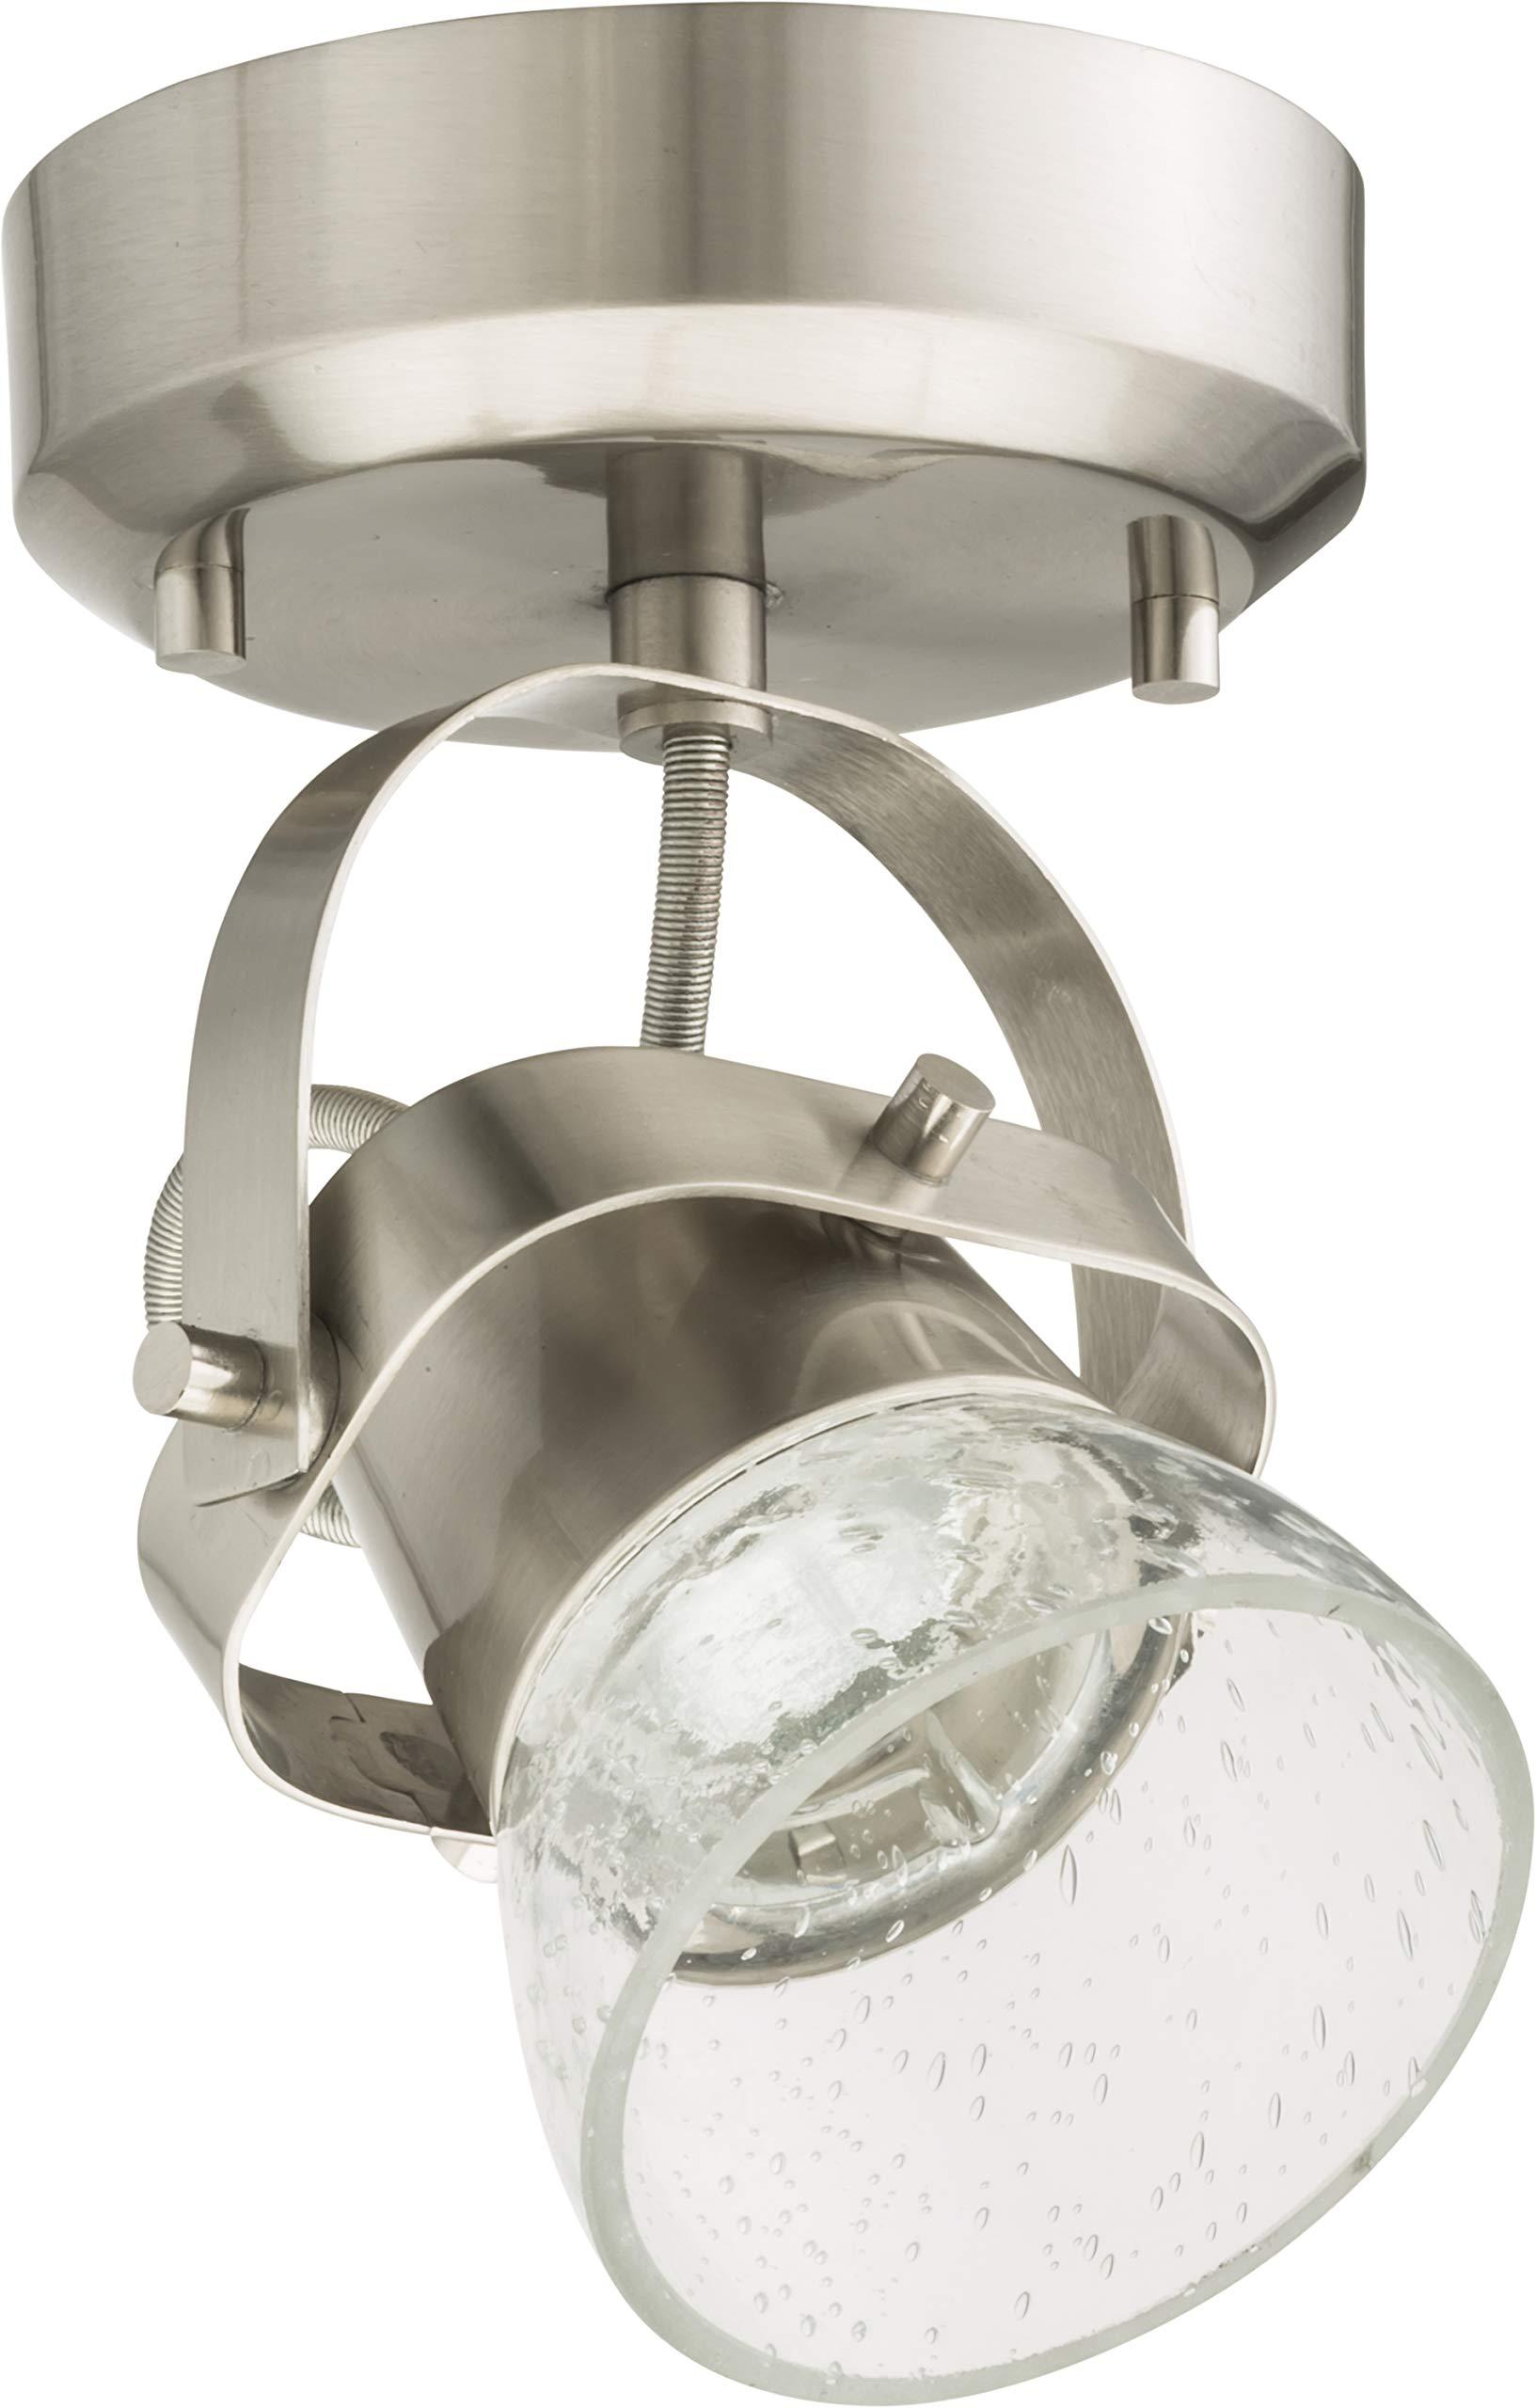 Lithonia Lighting LTFSGLS 27K 90CRI BN M4 1-Light LED Linear Seeded Glass Fixed Track Kit, 2700K, Brushed Nickel